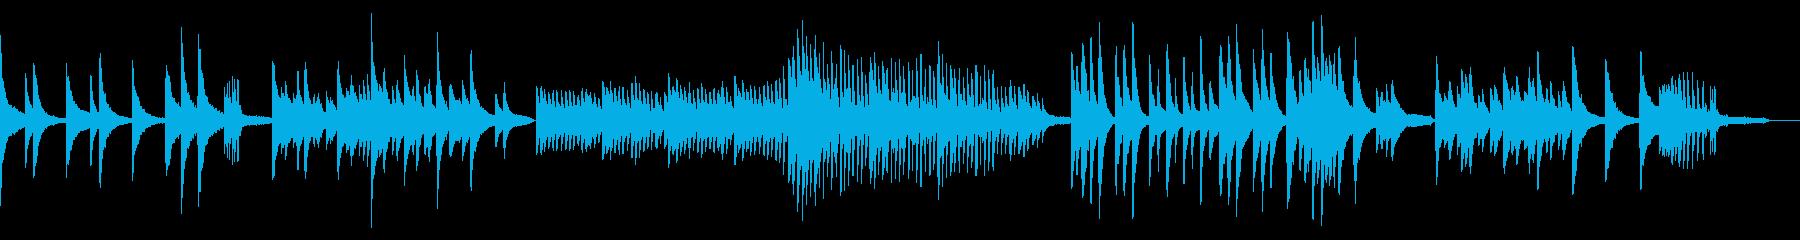 休日にゆっくり聴きたいピアノの再生済みの波形